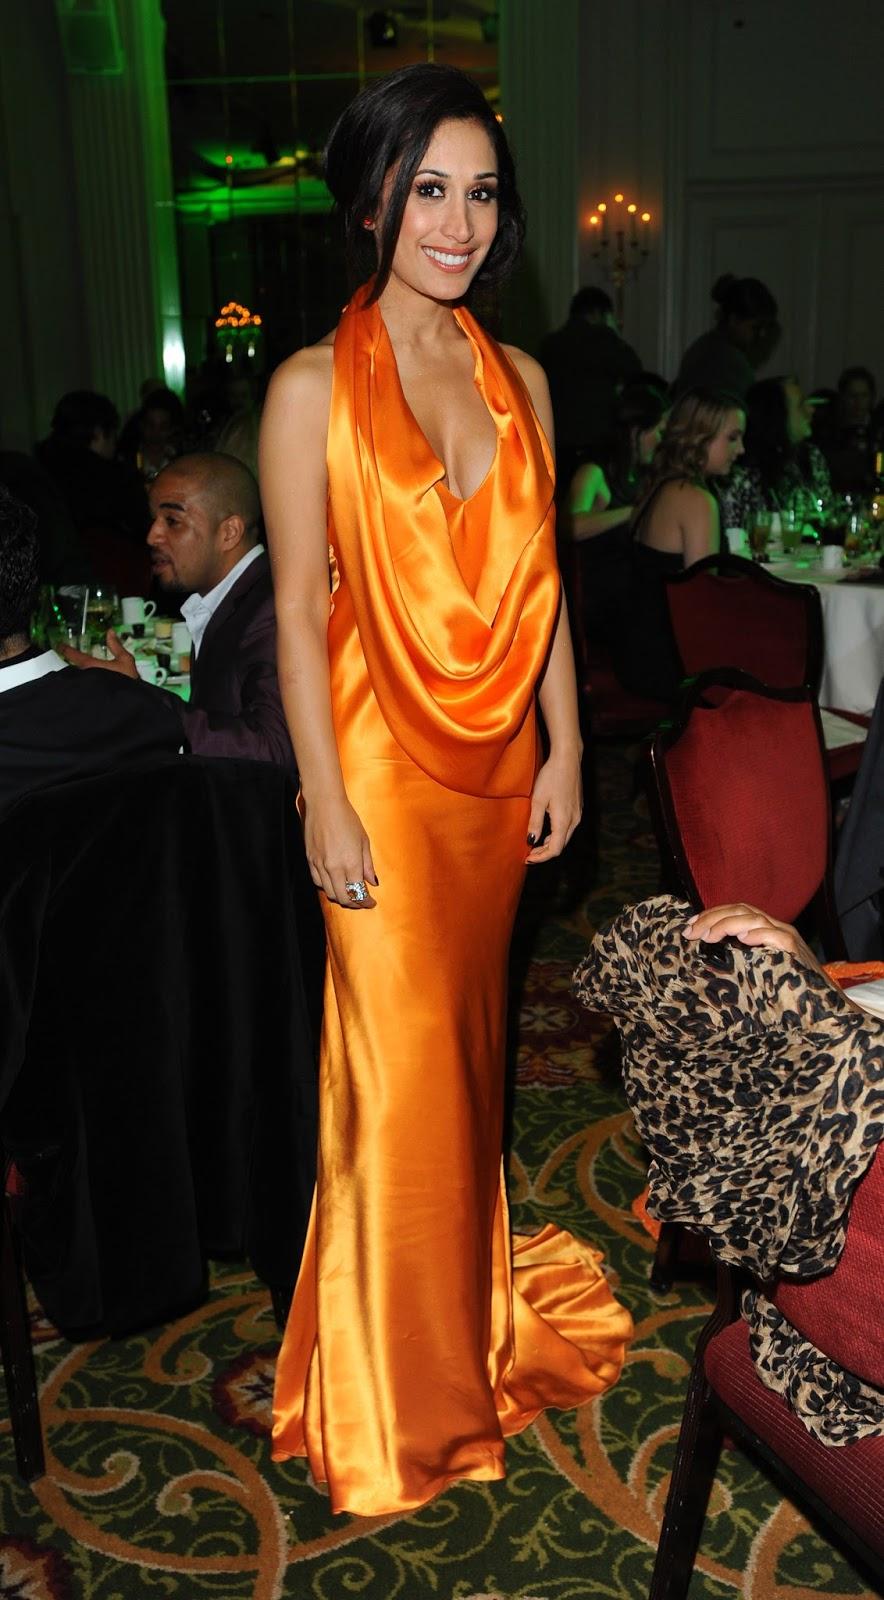 Ladies In Satin Blouses Preeya Kalidas Yellow Orange